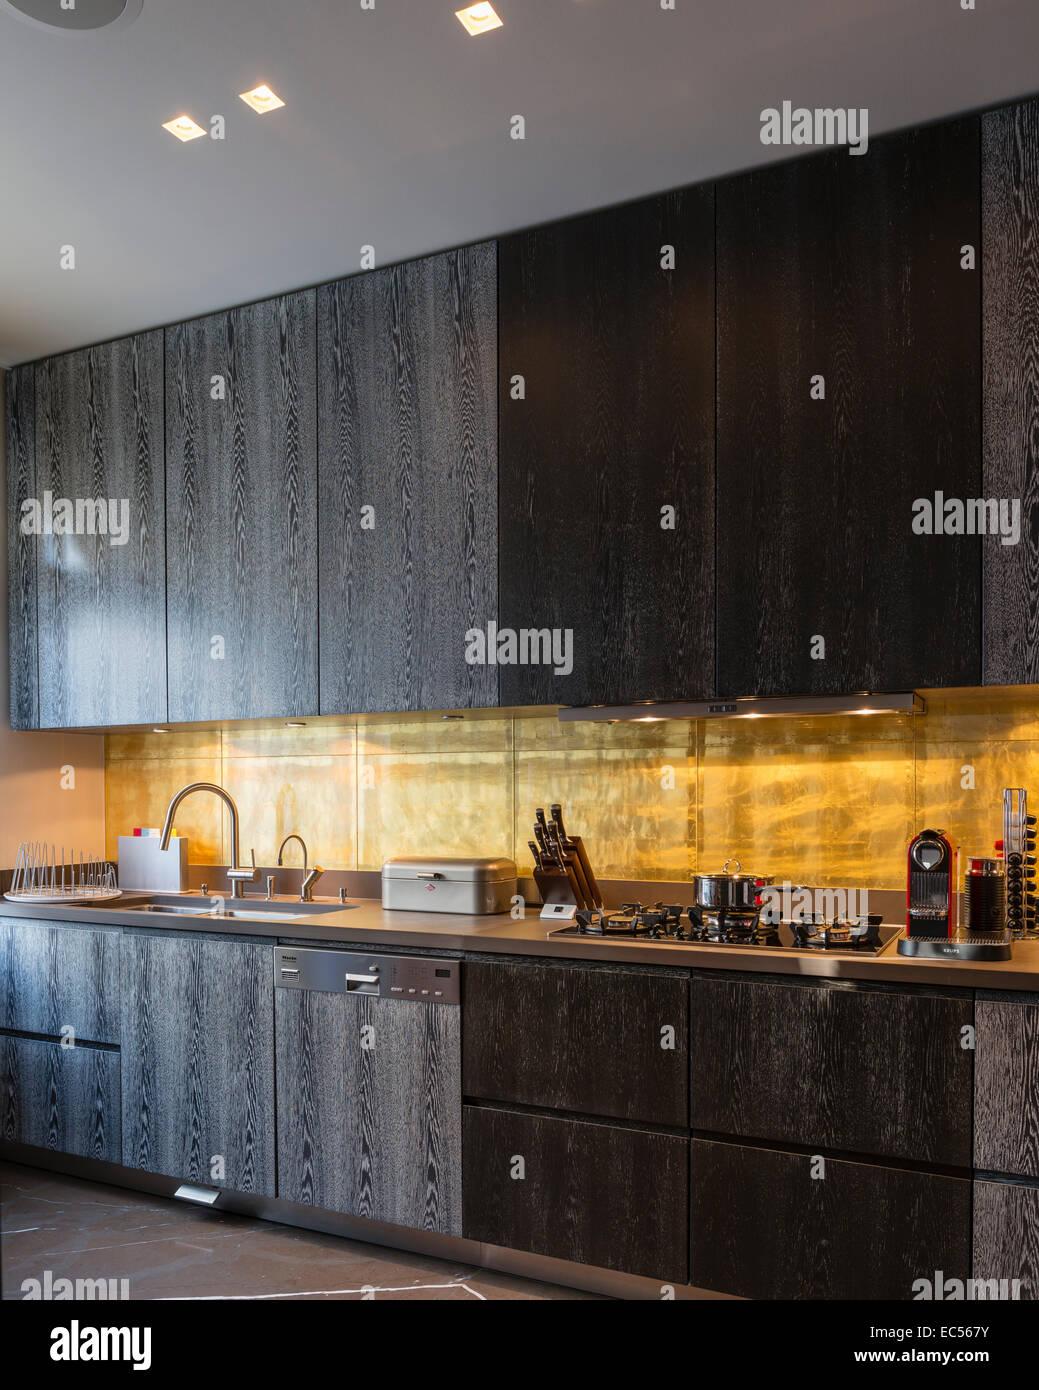 Wunderbar Blattgold Backsplash In Küche Mit Dunklen Rauchigen Eiche Schränke Stockbild